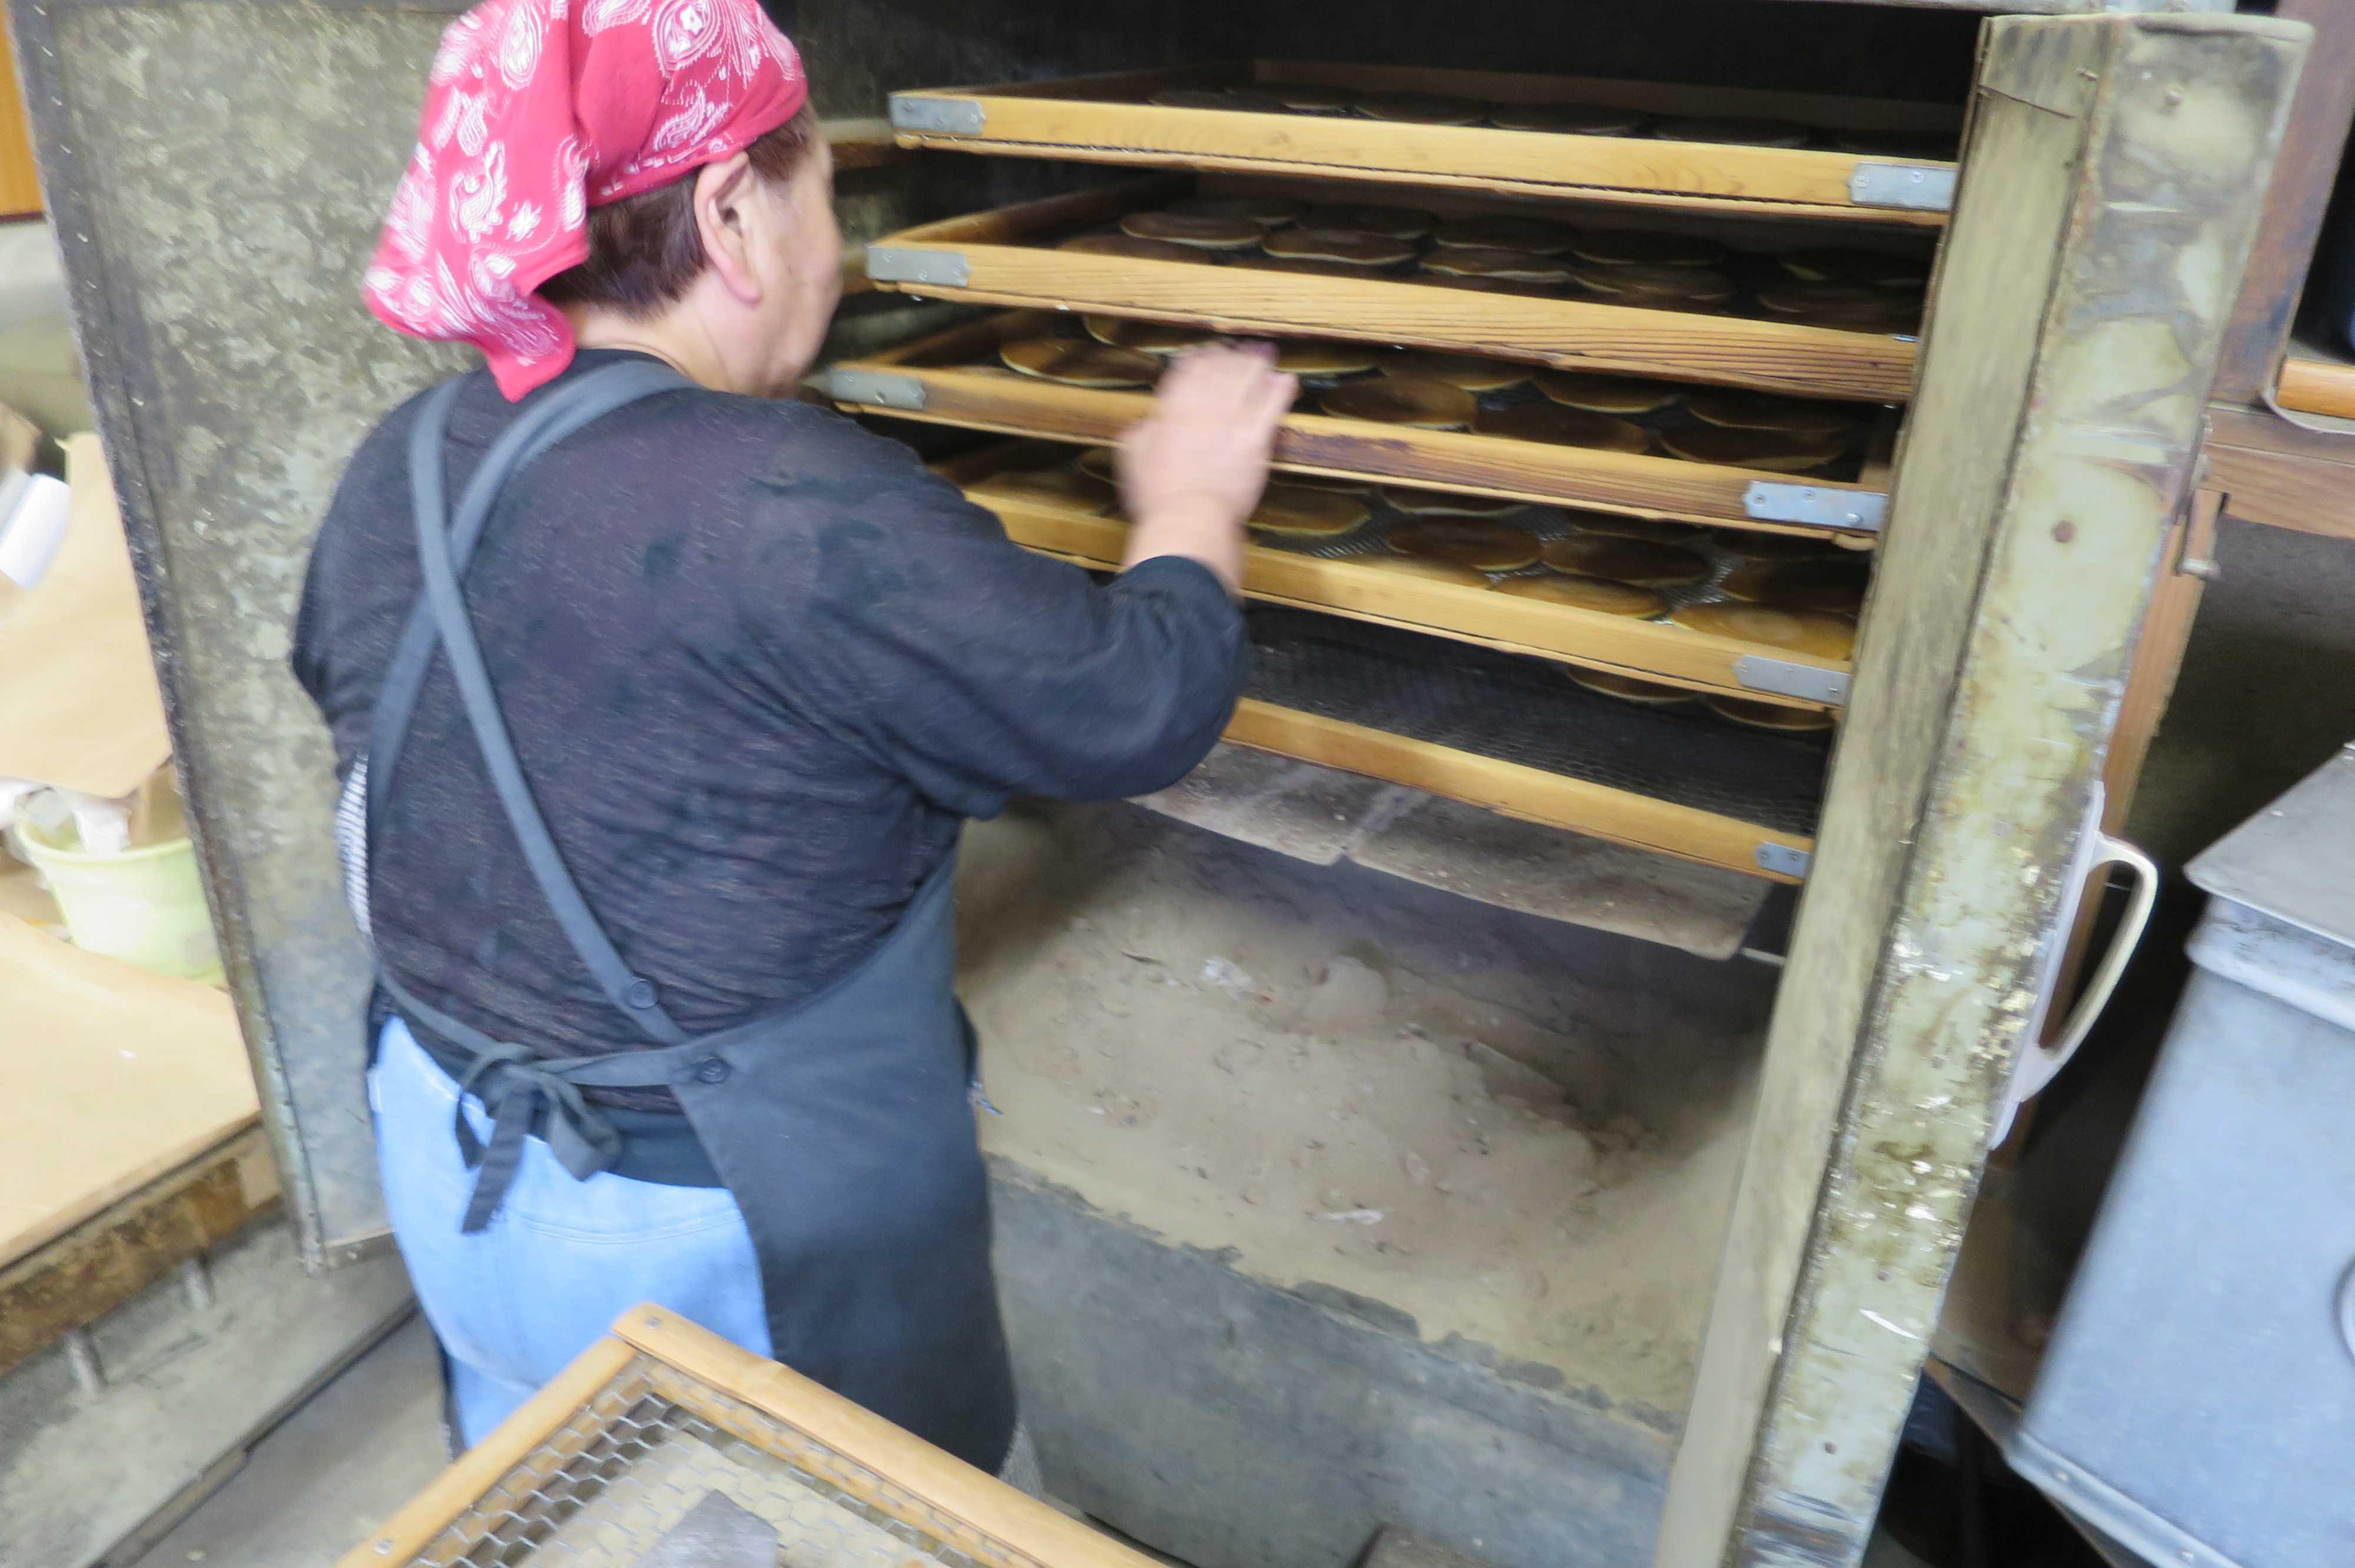 京都・山王地区 - カタパンを焼いていたところ